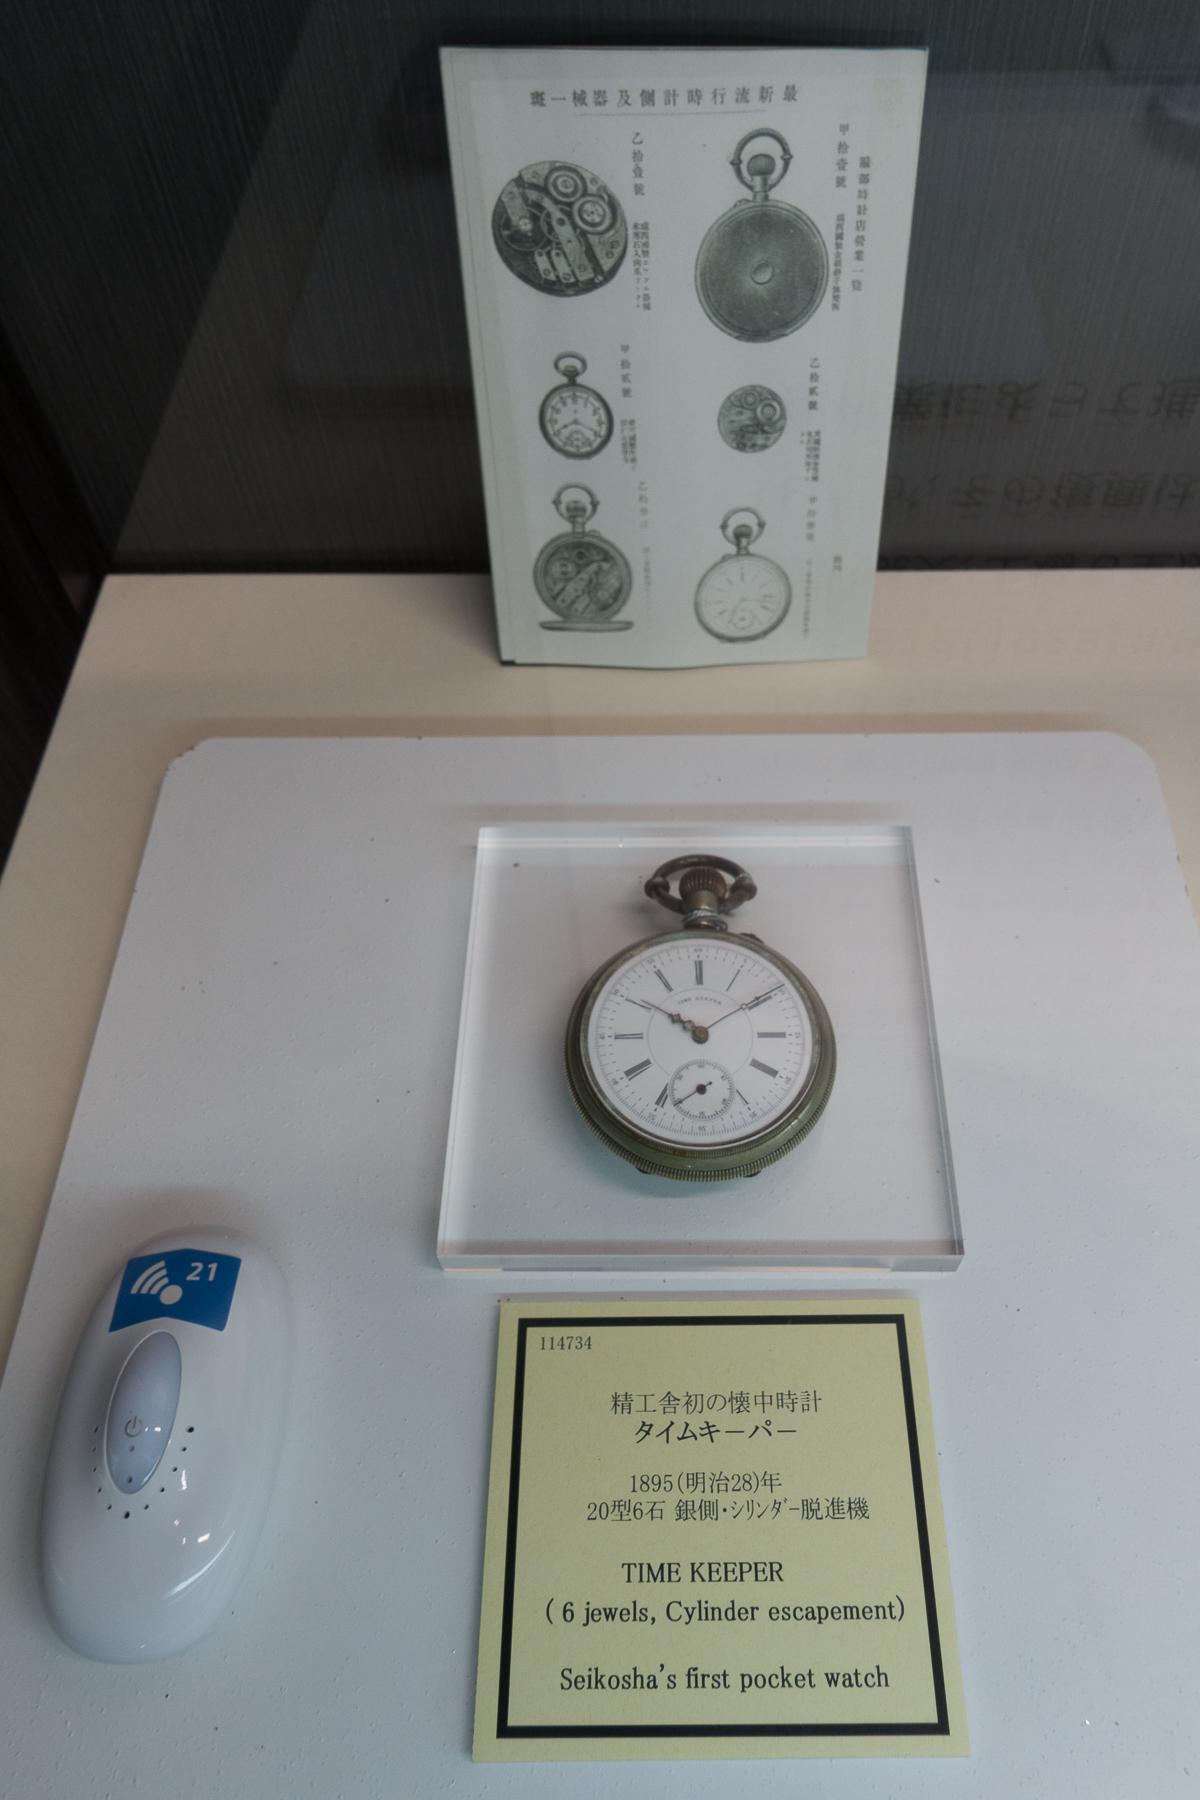 Seiko Time Keeper